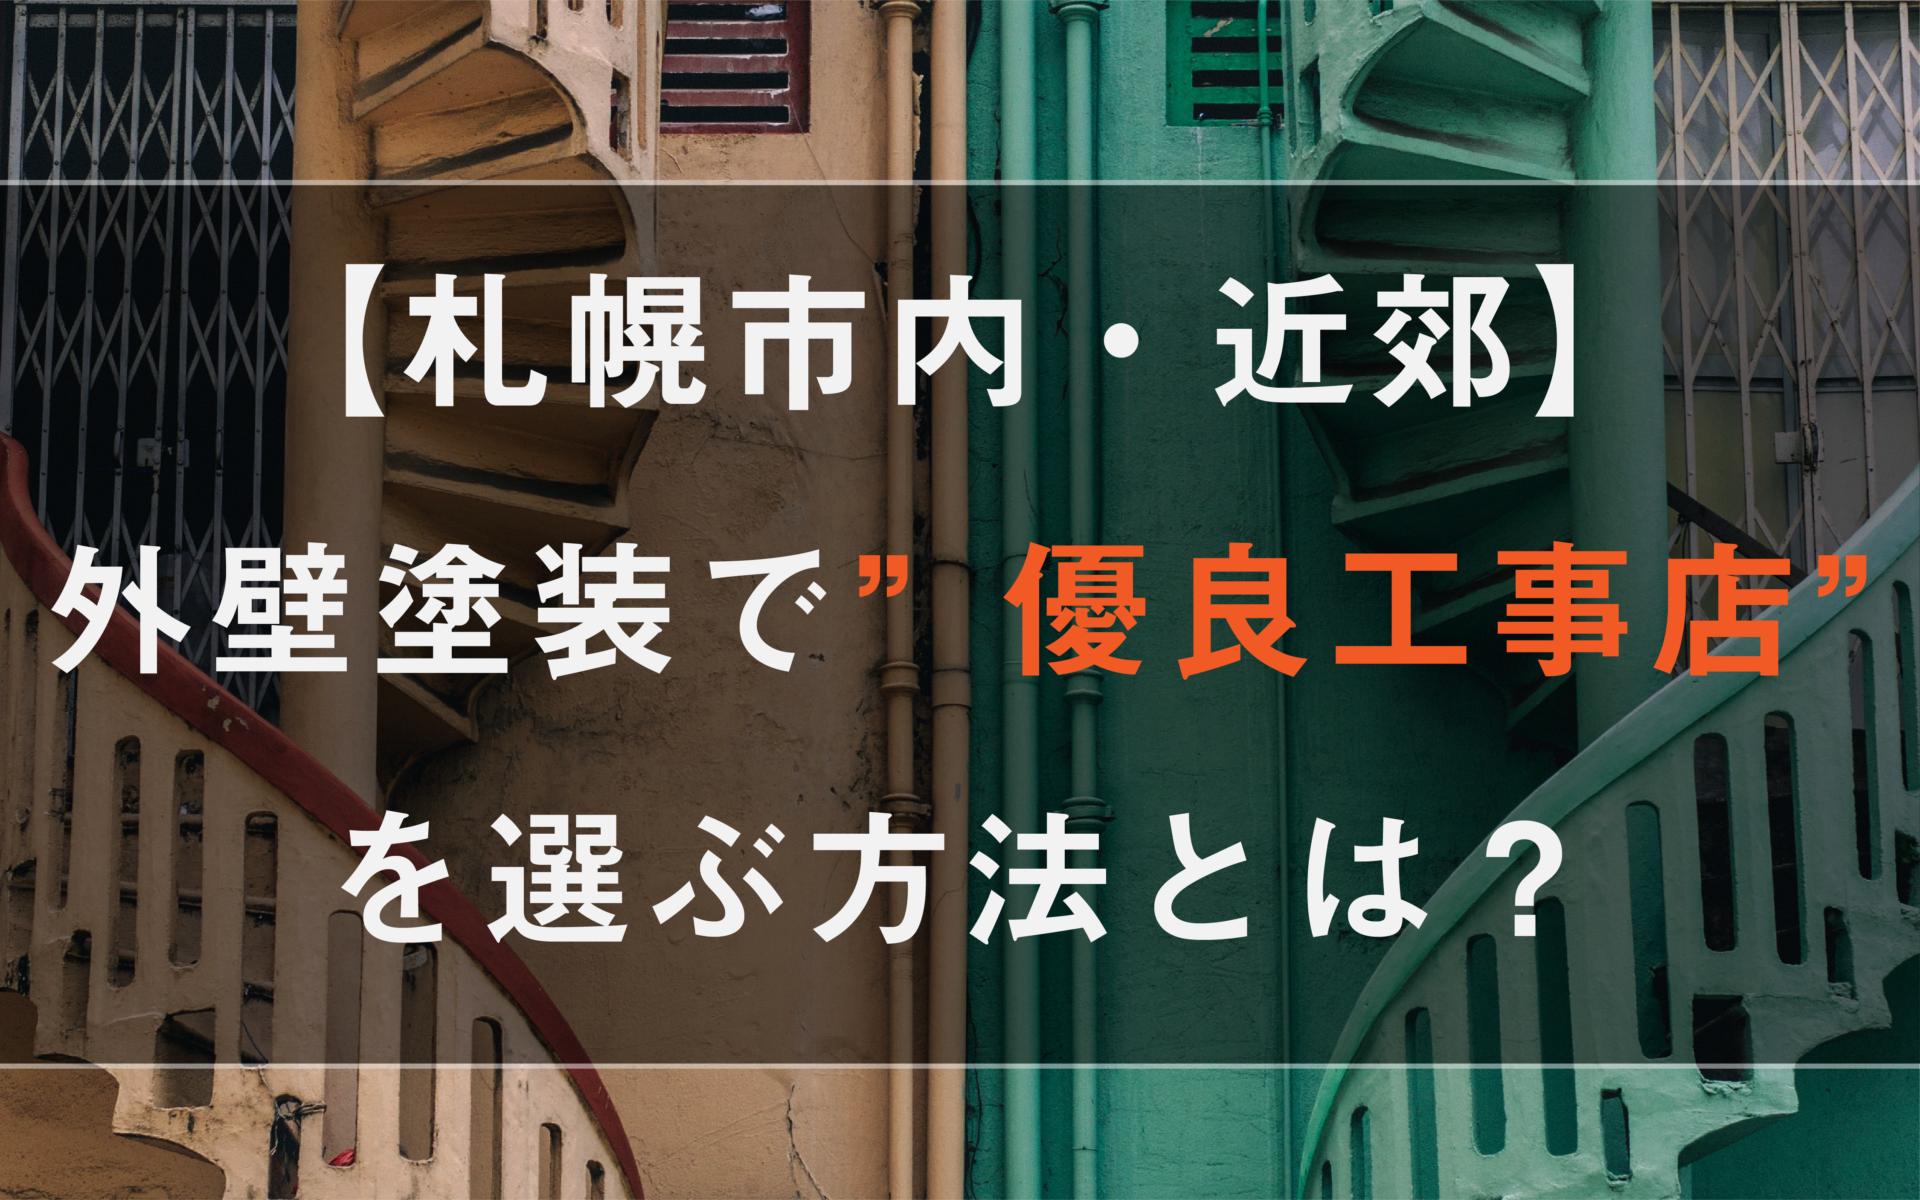 """【札幌市内・近郊】の外壁塗装で""""優良工事店""""を選ぶ方法とは?"""